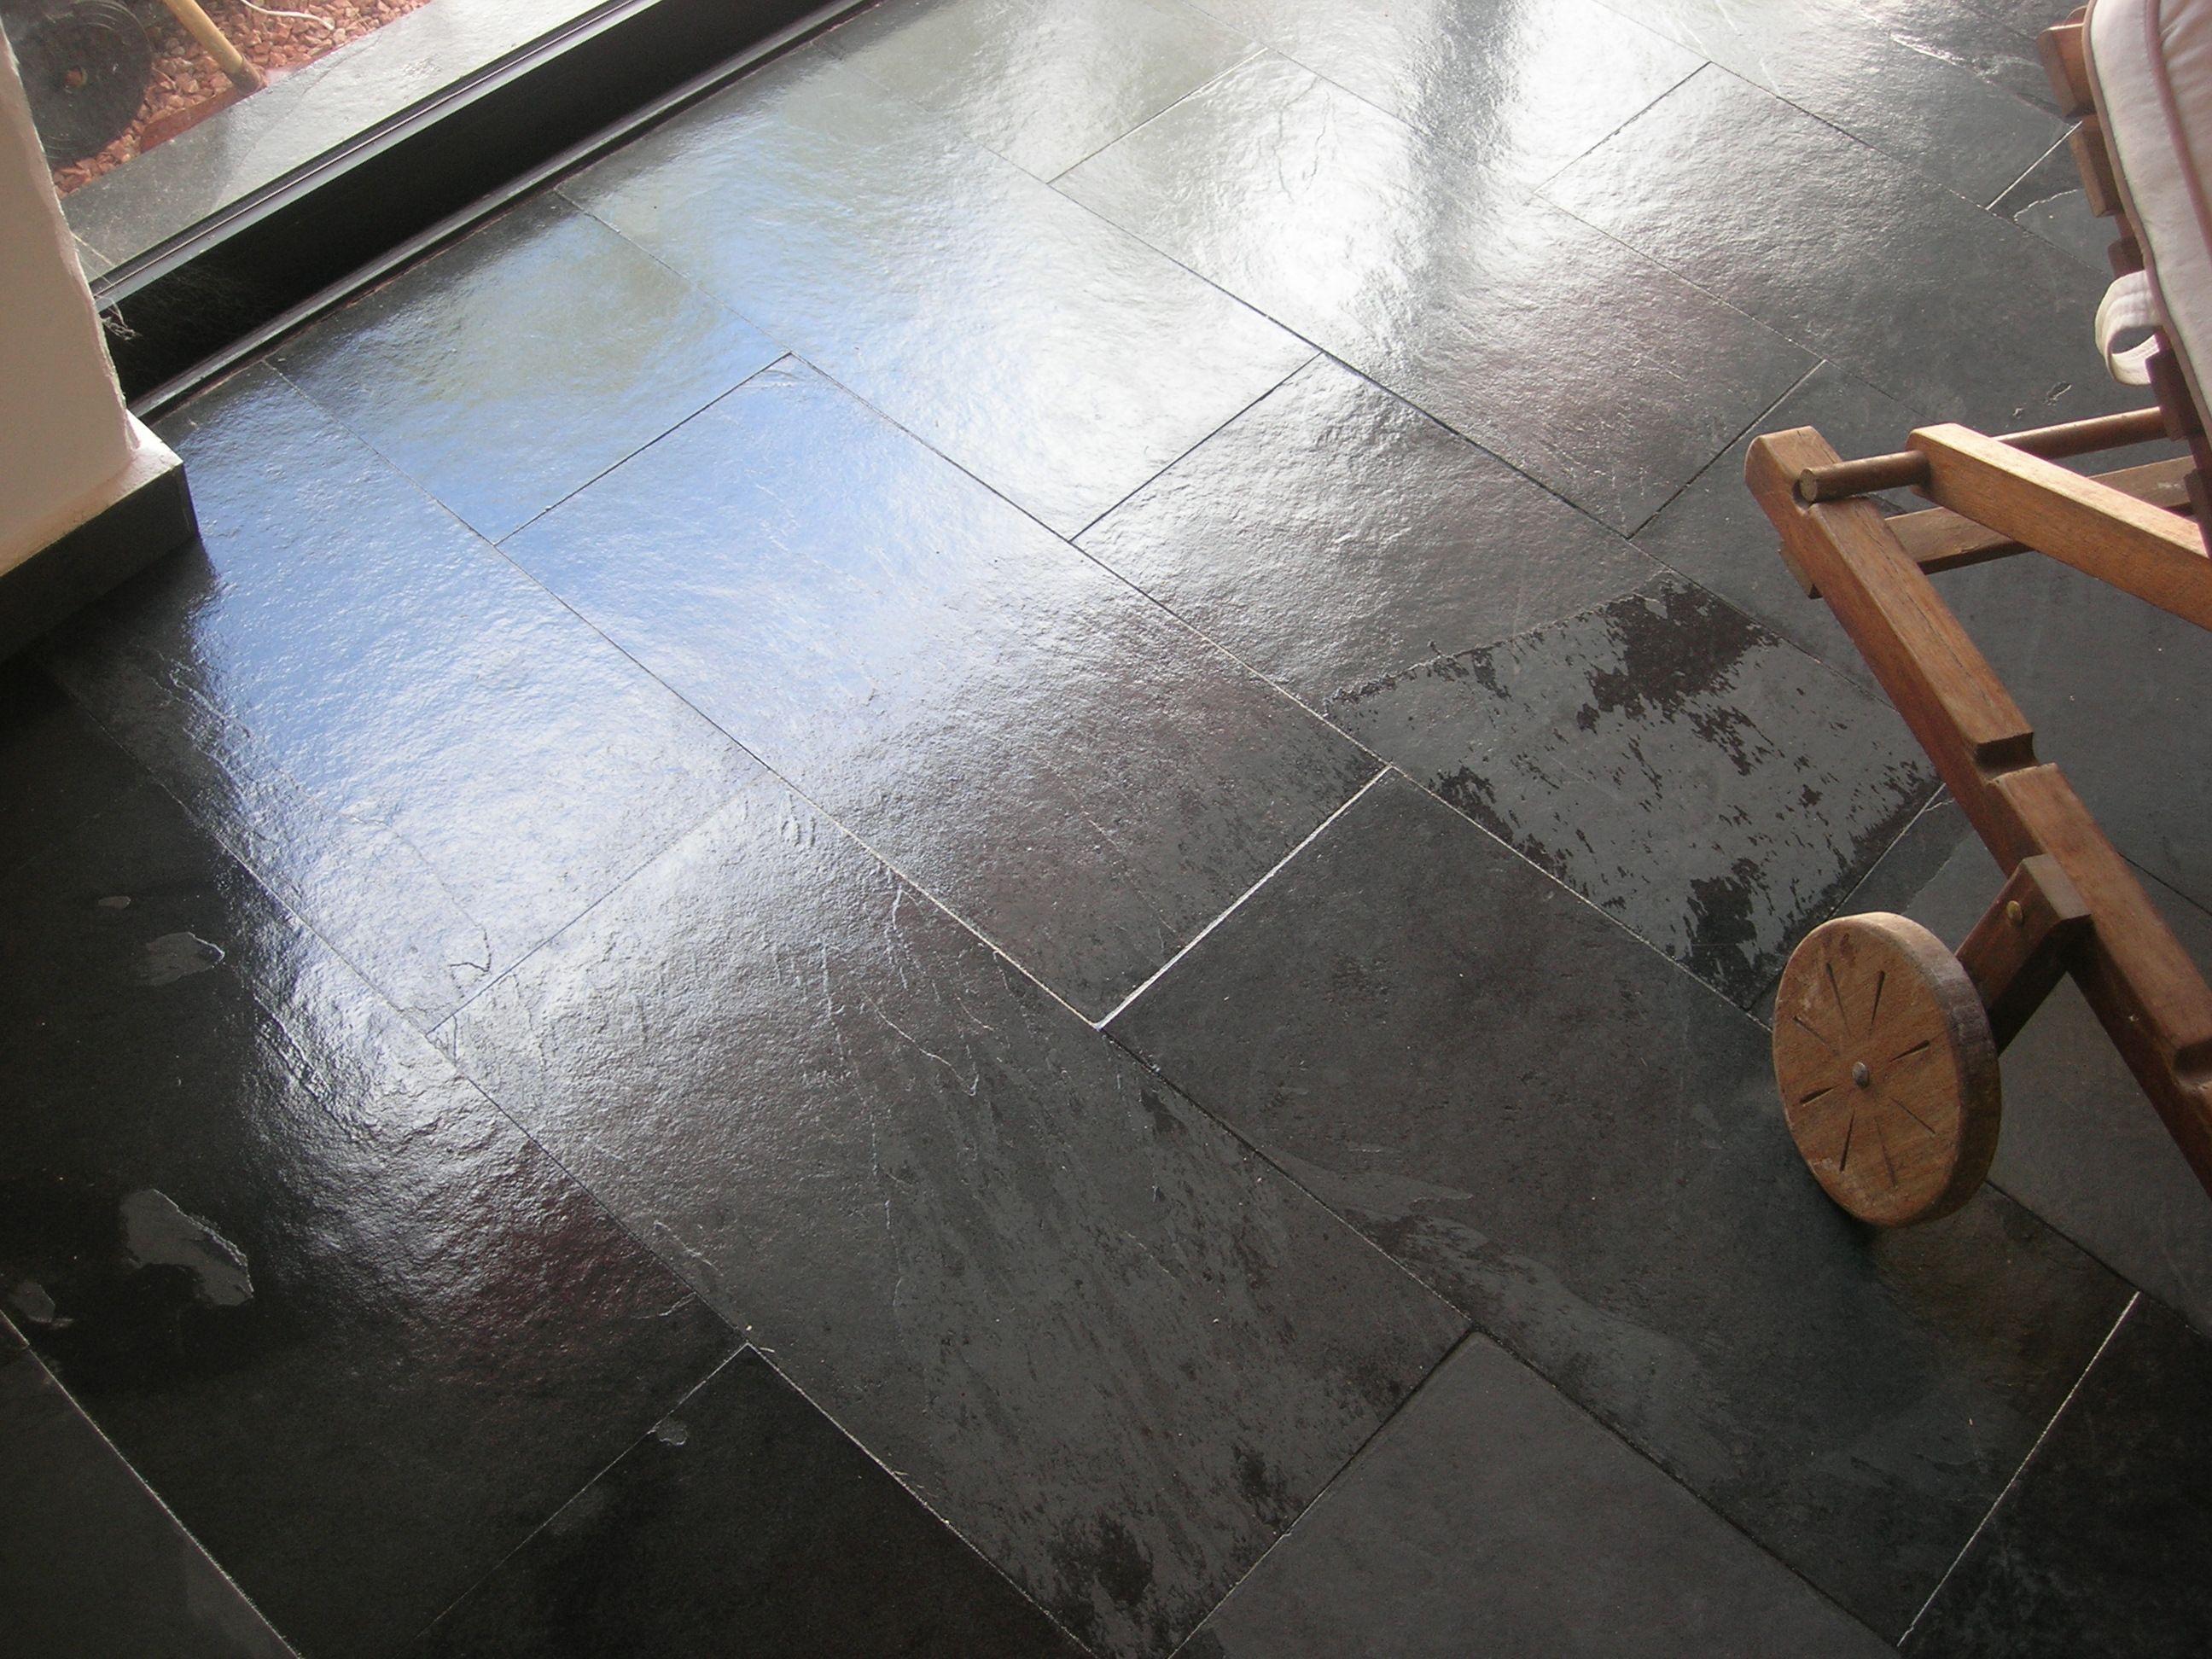 C mo limpiar y tratar suelos de pizarra suelo de pizarra - Suelo ducha pizarra ...